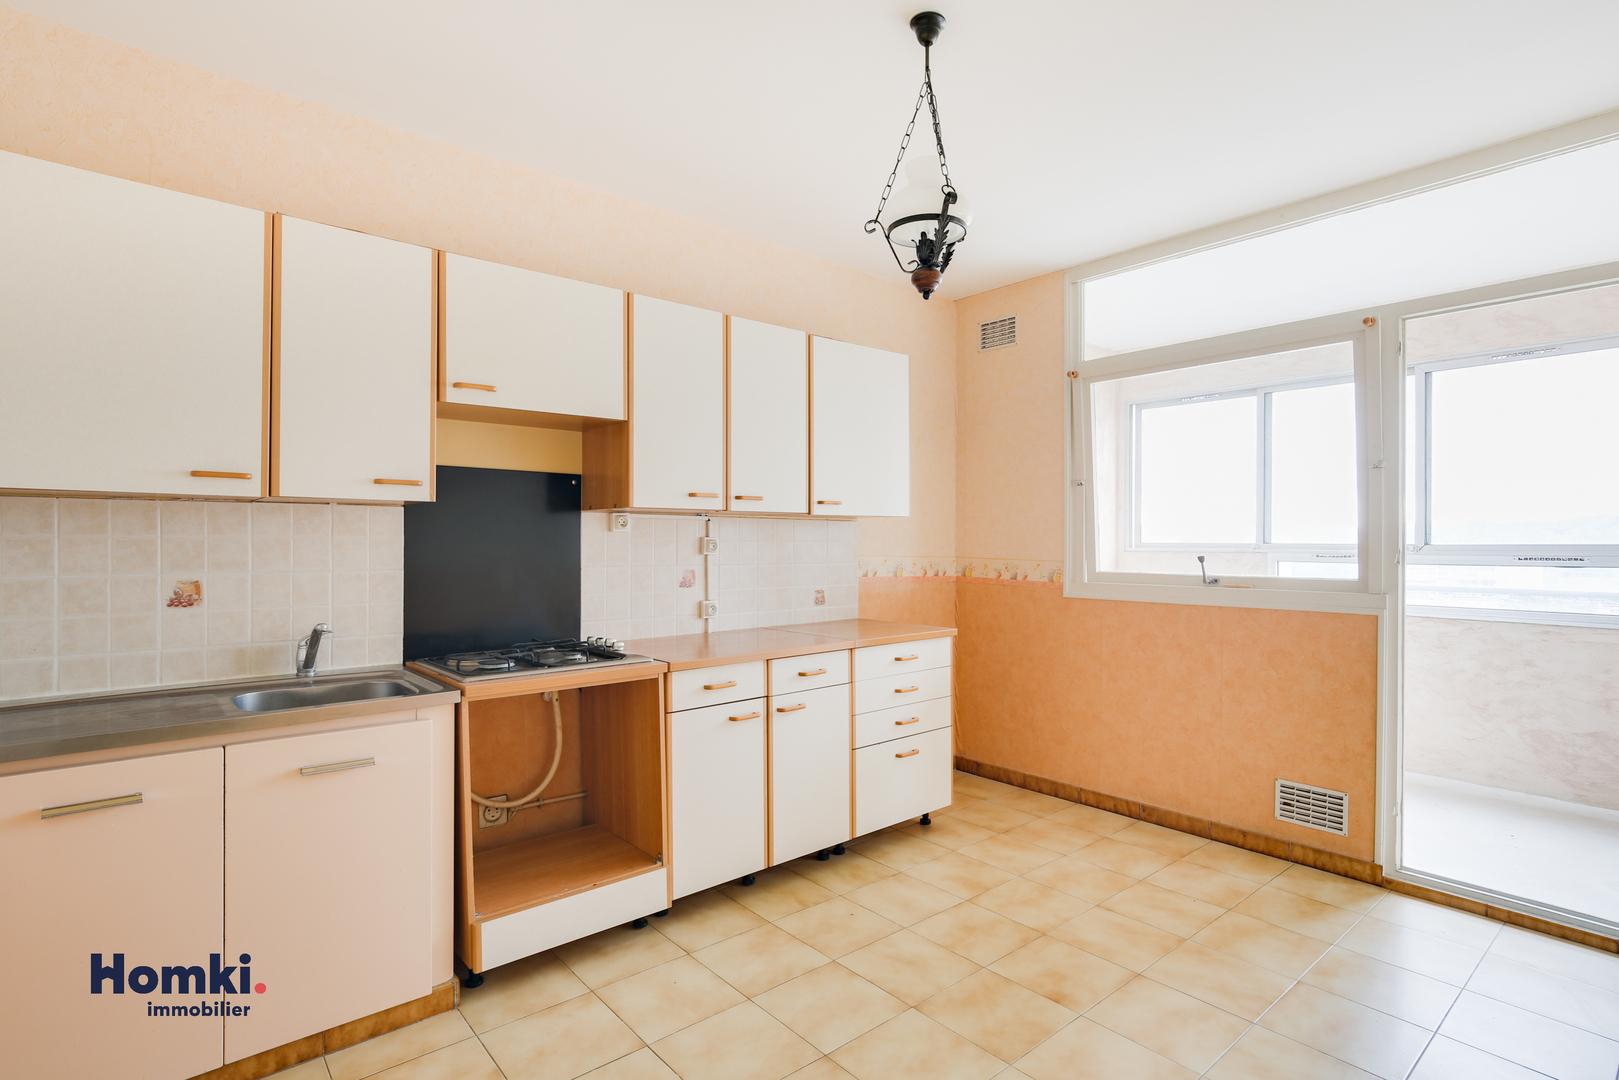 Vente appartement 75m² T4 69800_ 7